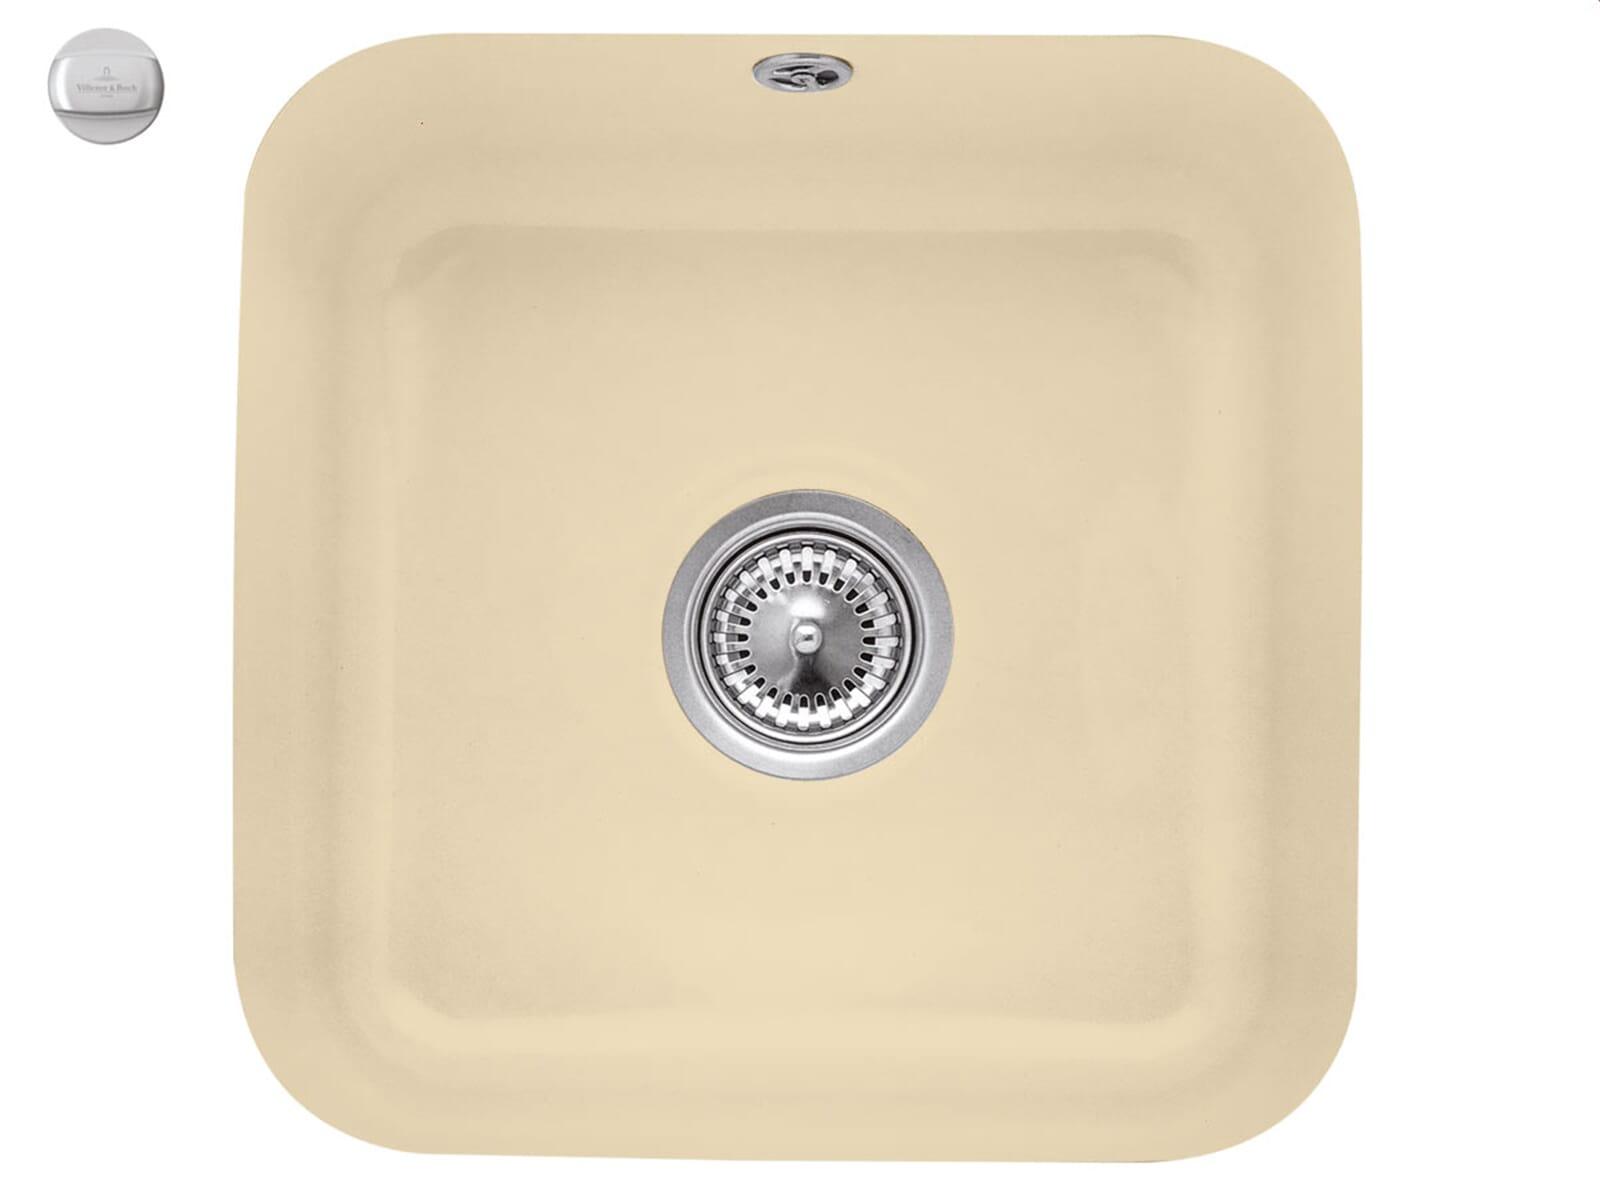 Villeroy & Boch Cisterna 50 Sand - 6703 02 i5 Keramikspüle Exzenterbetätigung